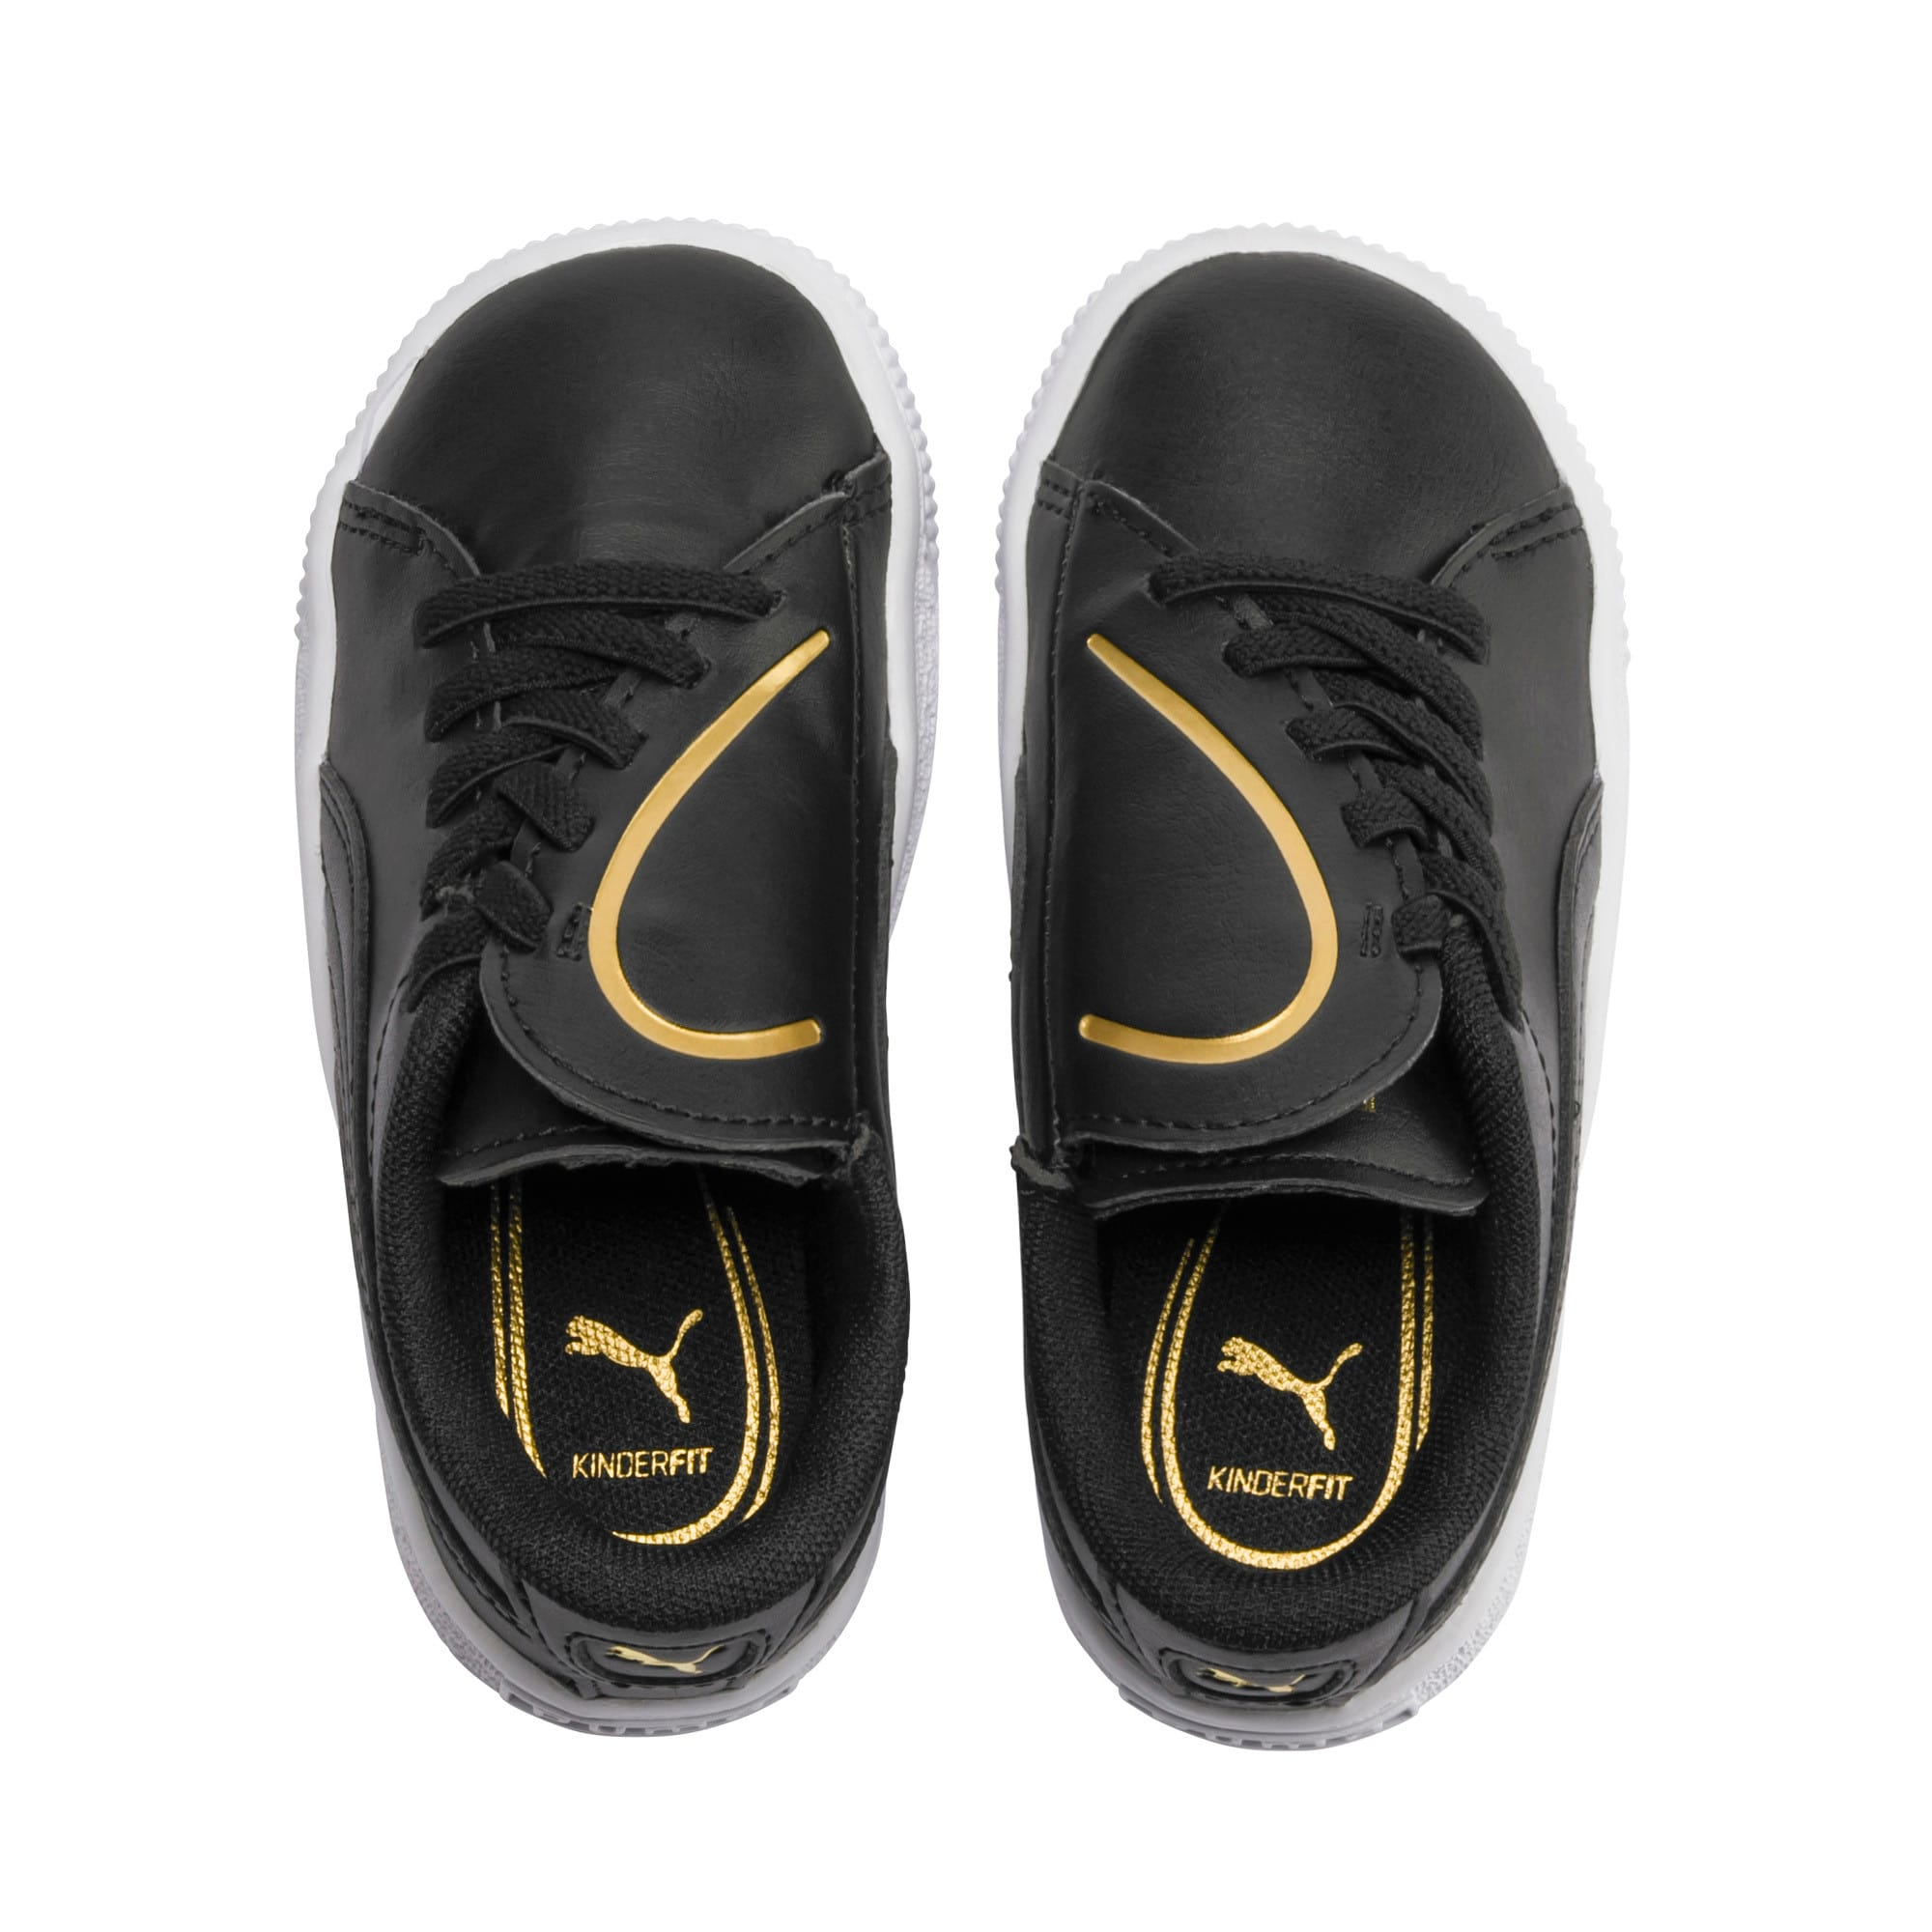 Miniatura 6 de Zapatos Basket Crush AC para bebés, Puma Black-Puma Team Gold, mediano